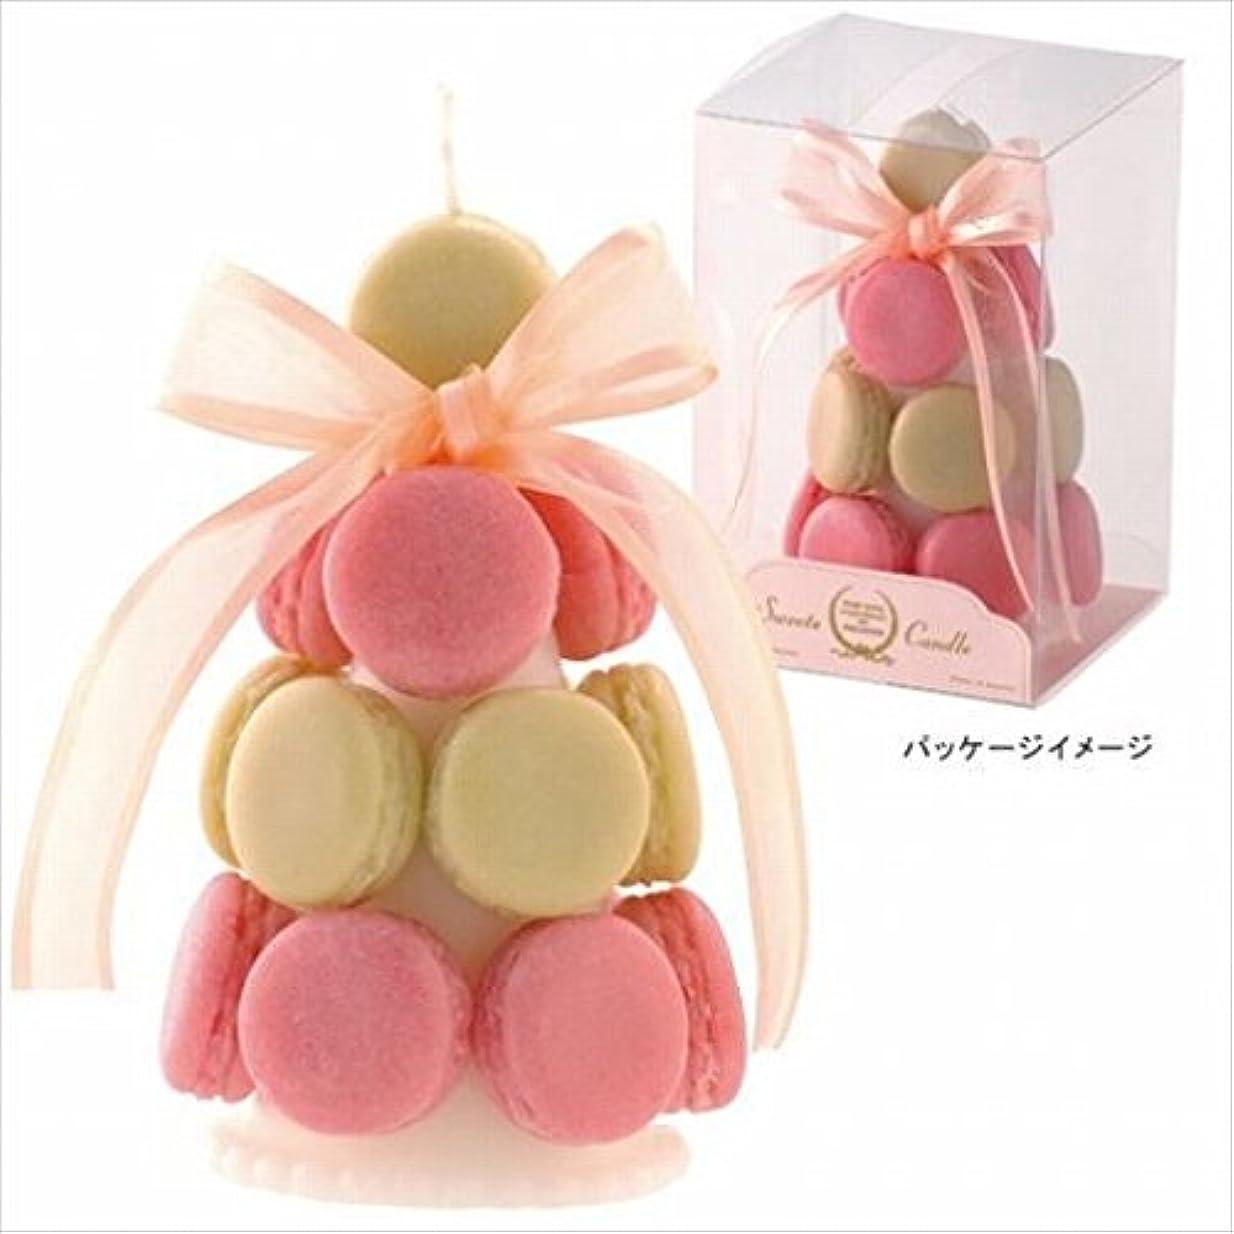 お勧めカーテン皮kameyama candle(カメヤマキャンドル) ハッピーマカロンタワー 「 キャラメル 」6個セット(A4580510)